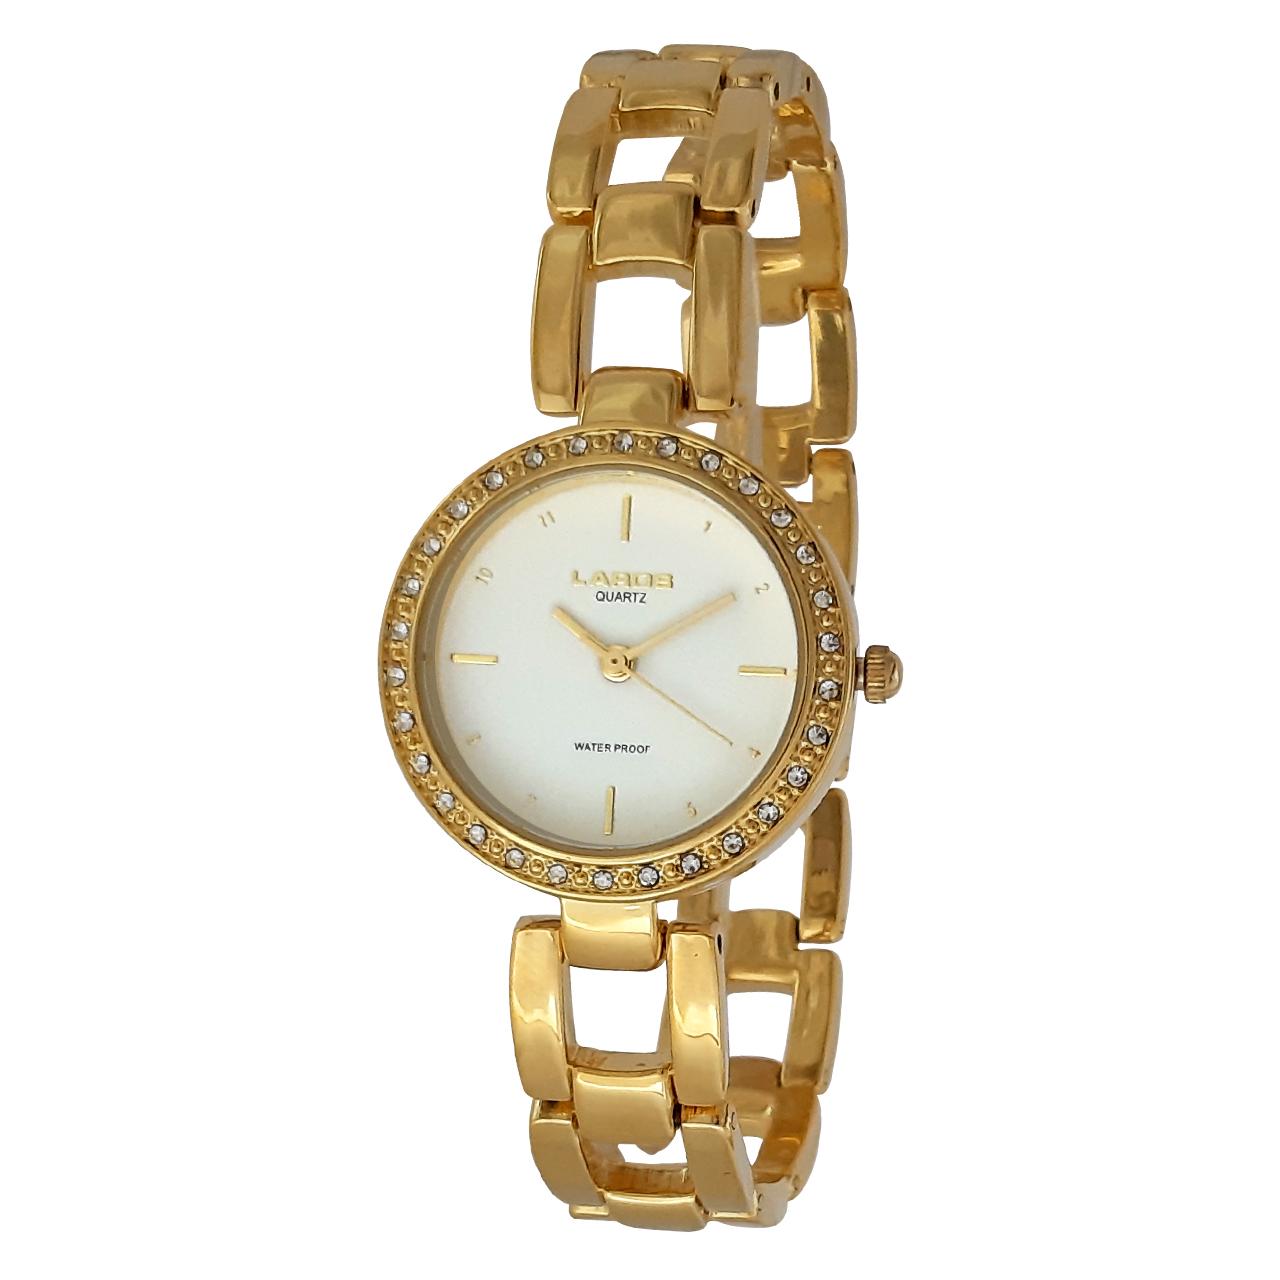 ساعت مچی عقربه ای زنانه لاروس مدل 1117-80138 به همراه دستمال مخصوص برند کلین واچ 23